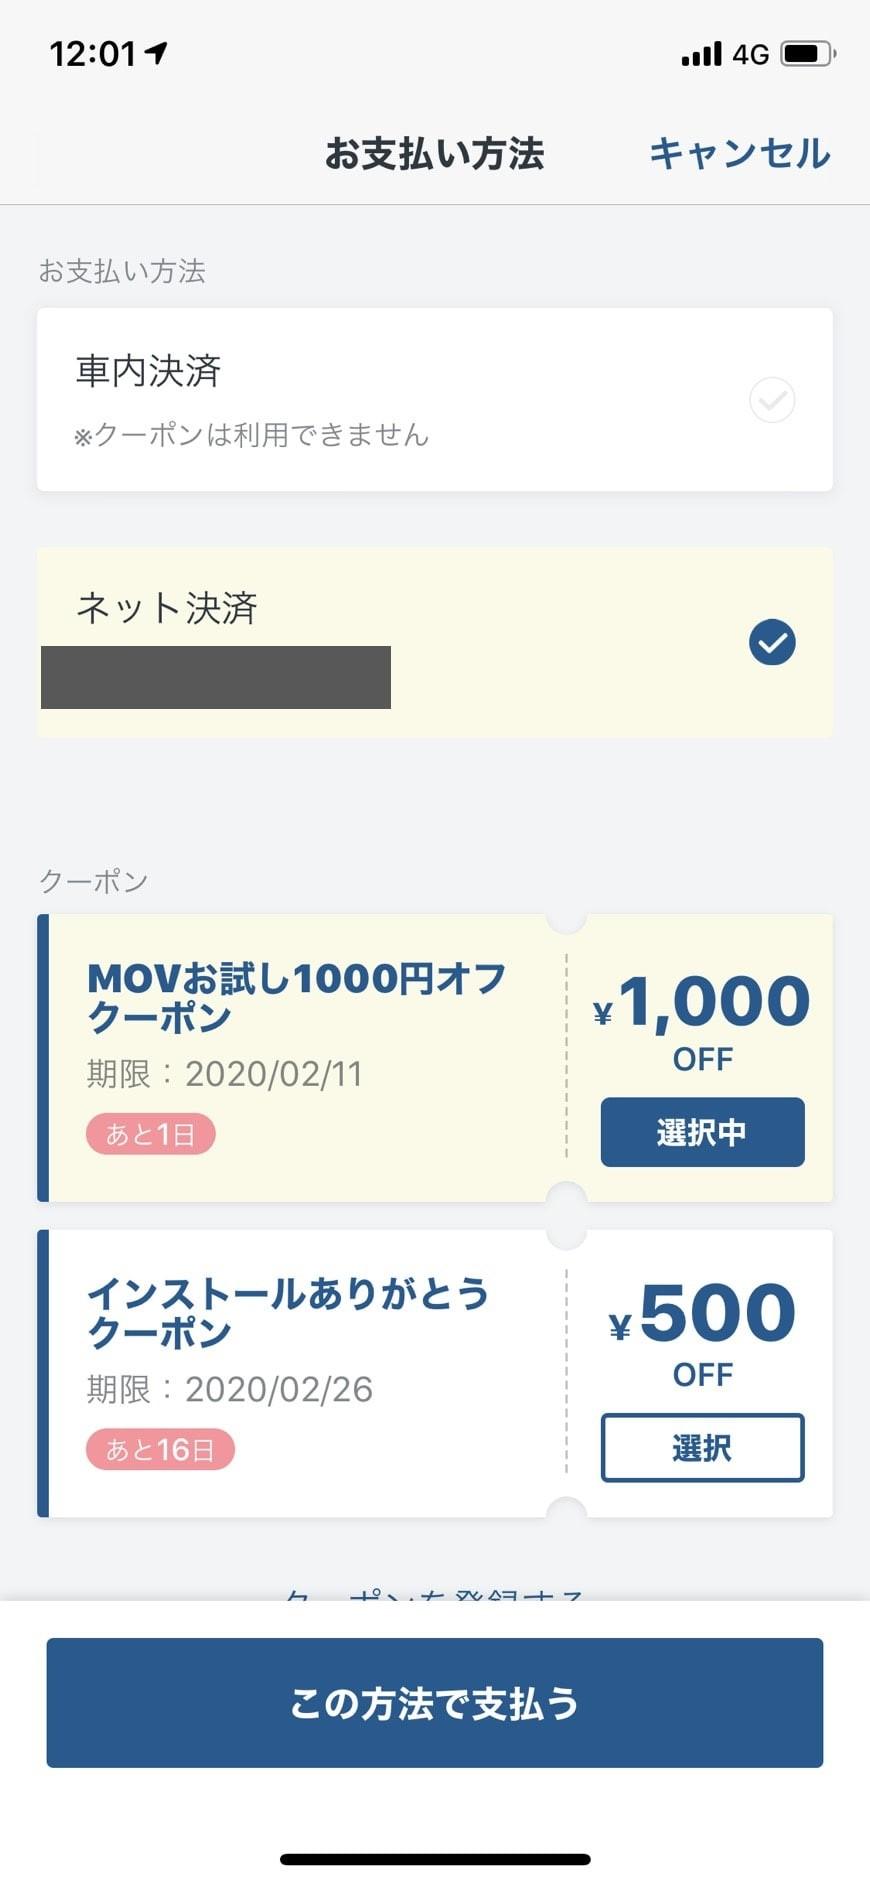 MOVアプリで使うクーポンを選択